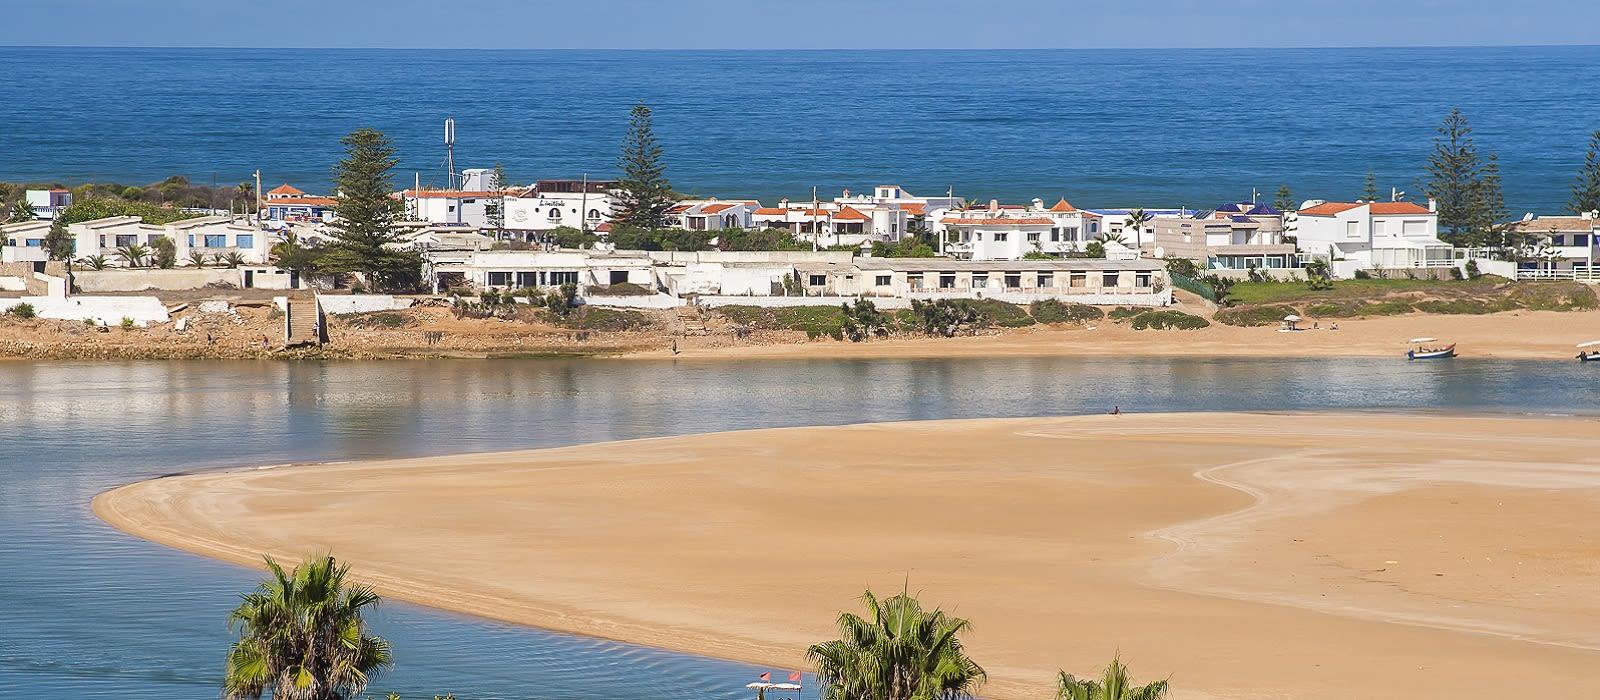 Hotel Eden El Rouh Morocco